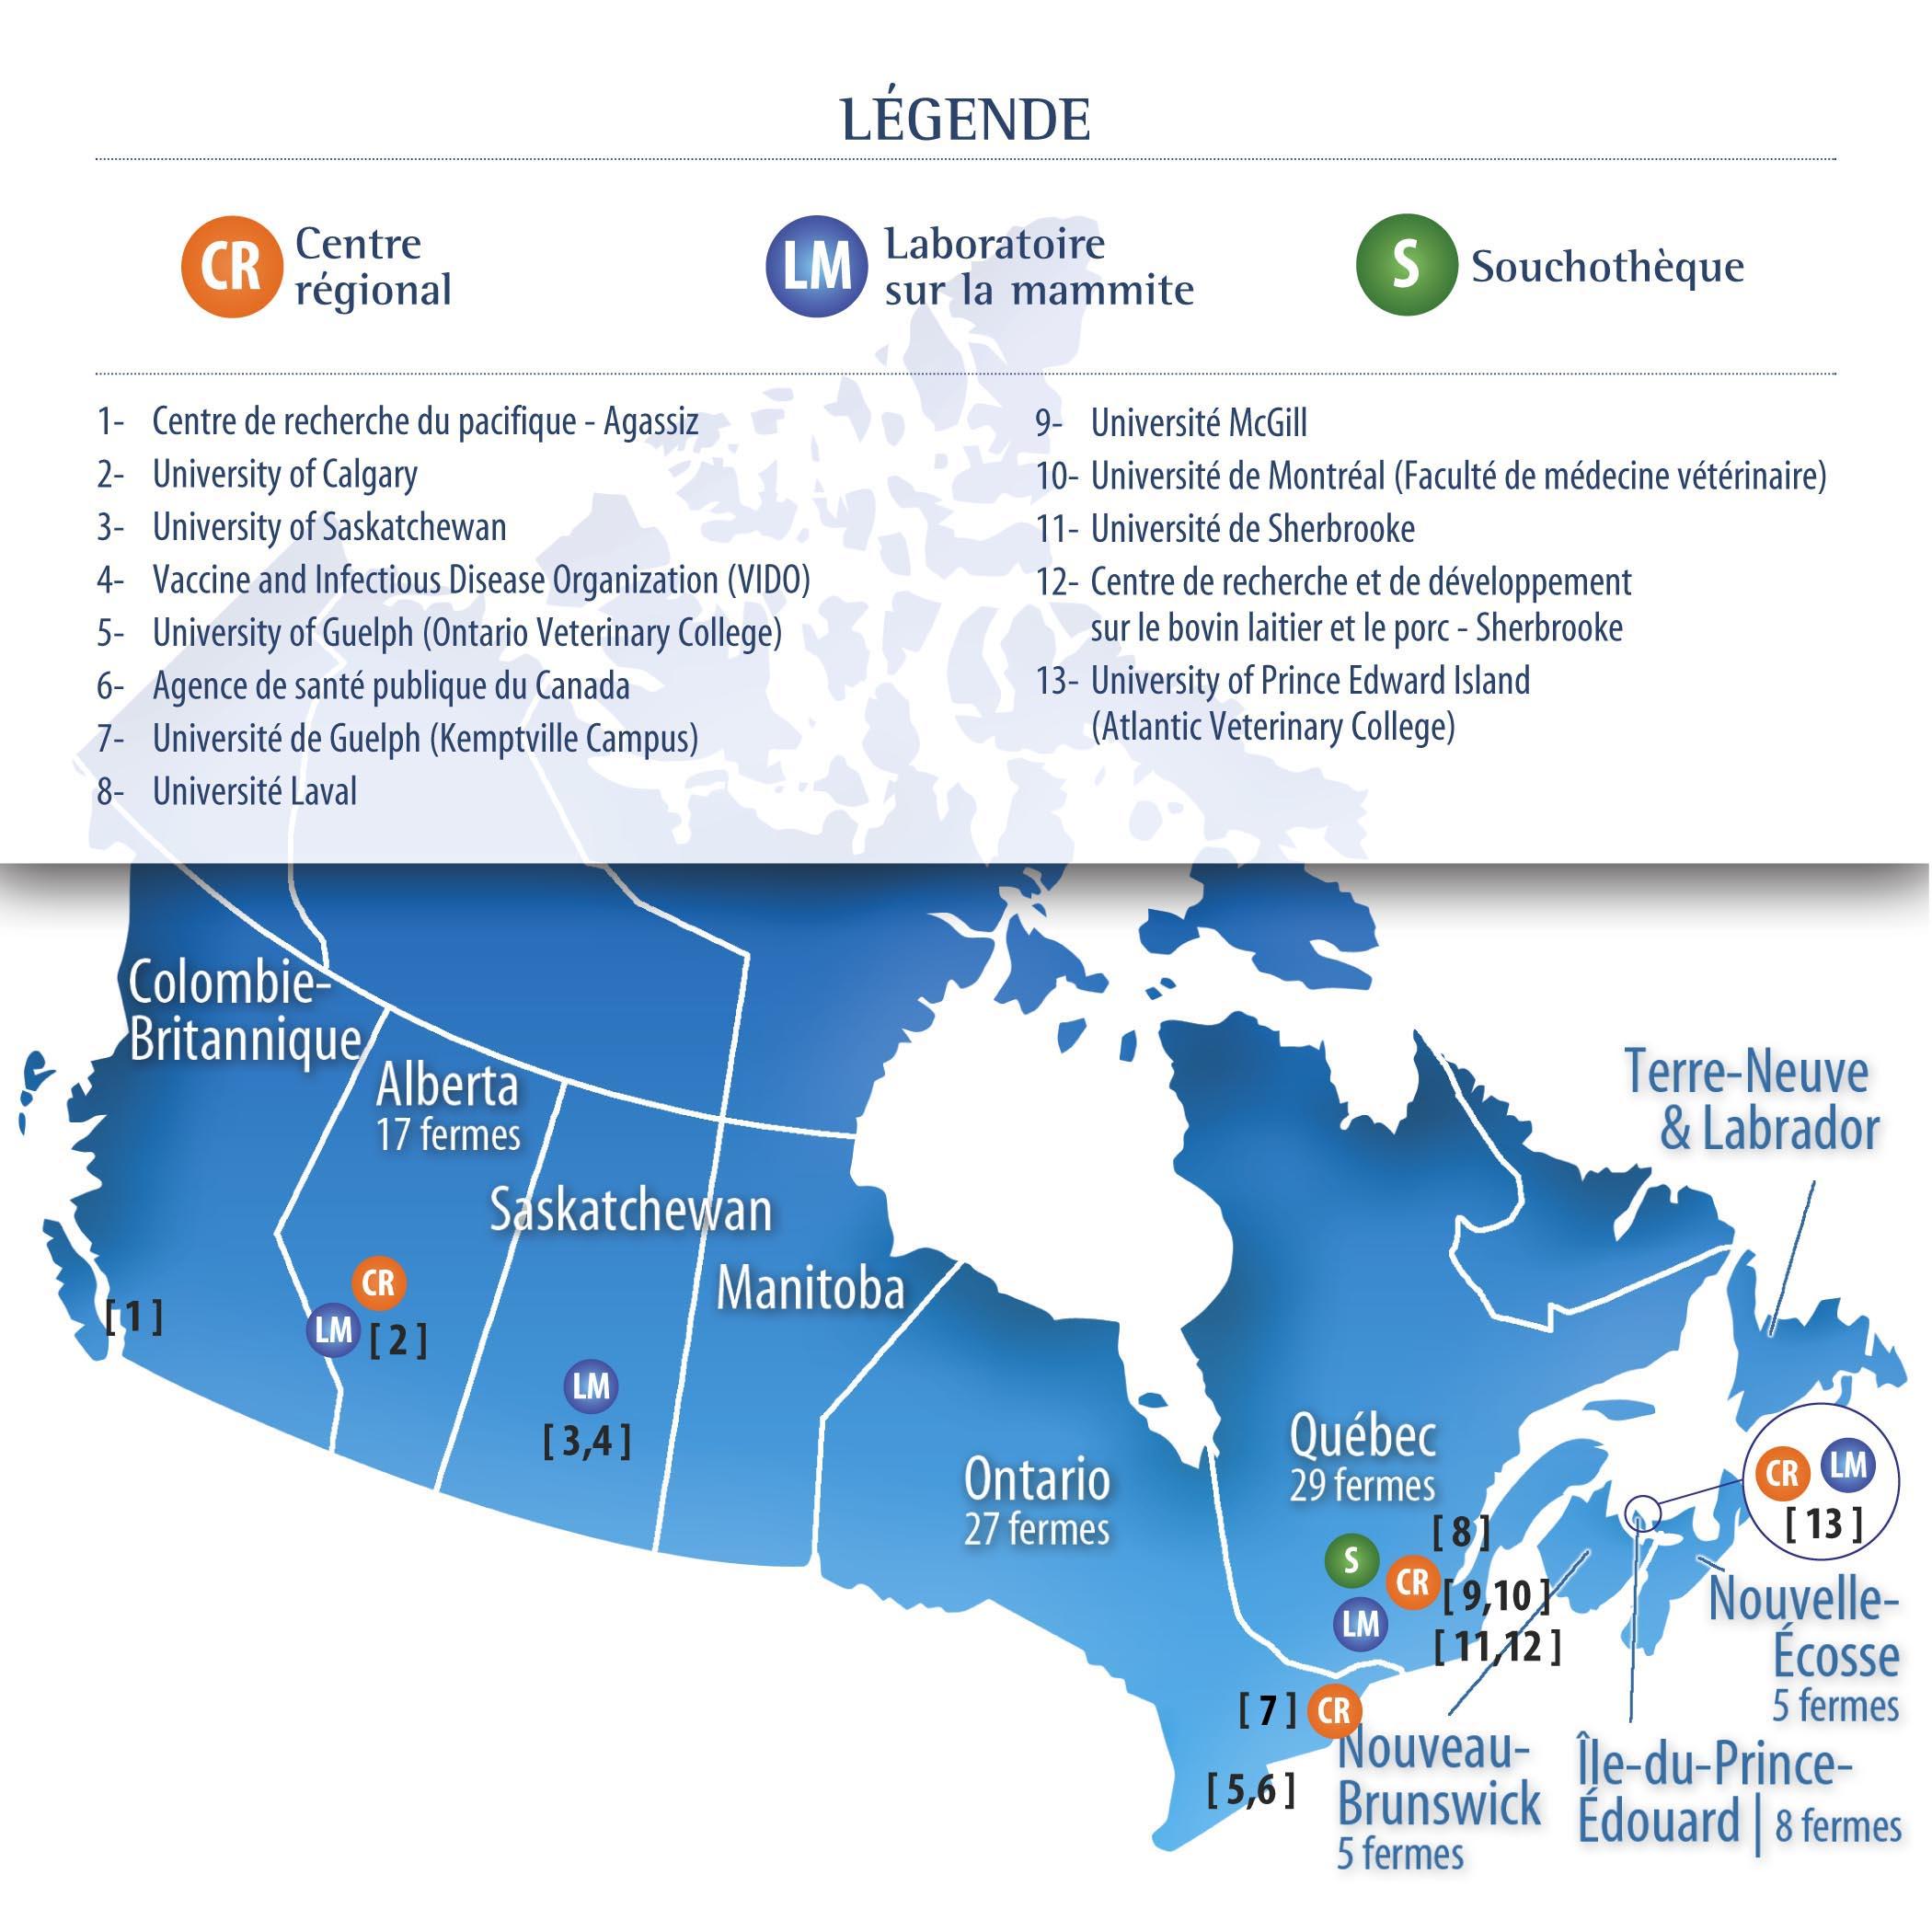 Les activités de recherche du Réseau sont réalisées dans plusieurs universités et centres de recherche à travers le Canada. - © RCRMBQL